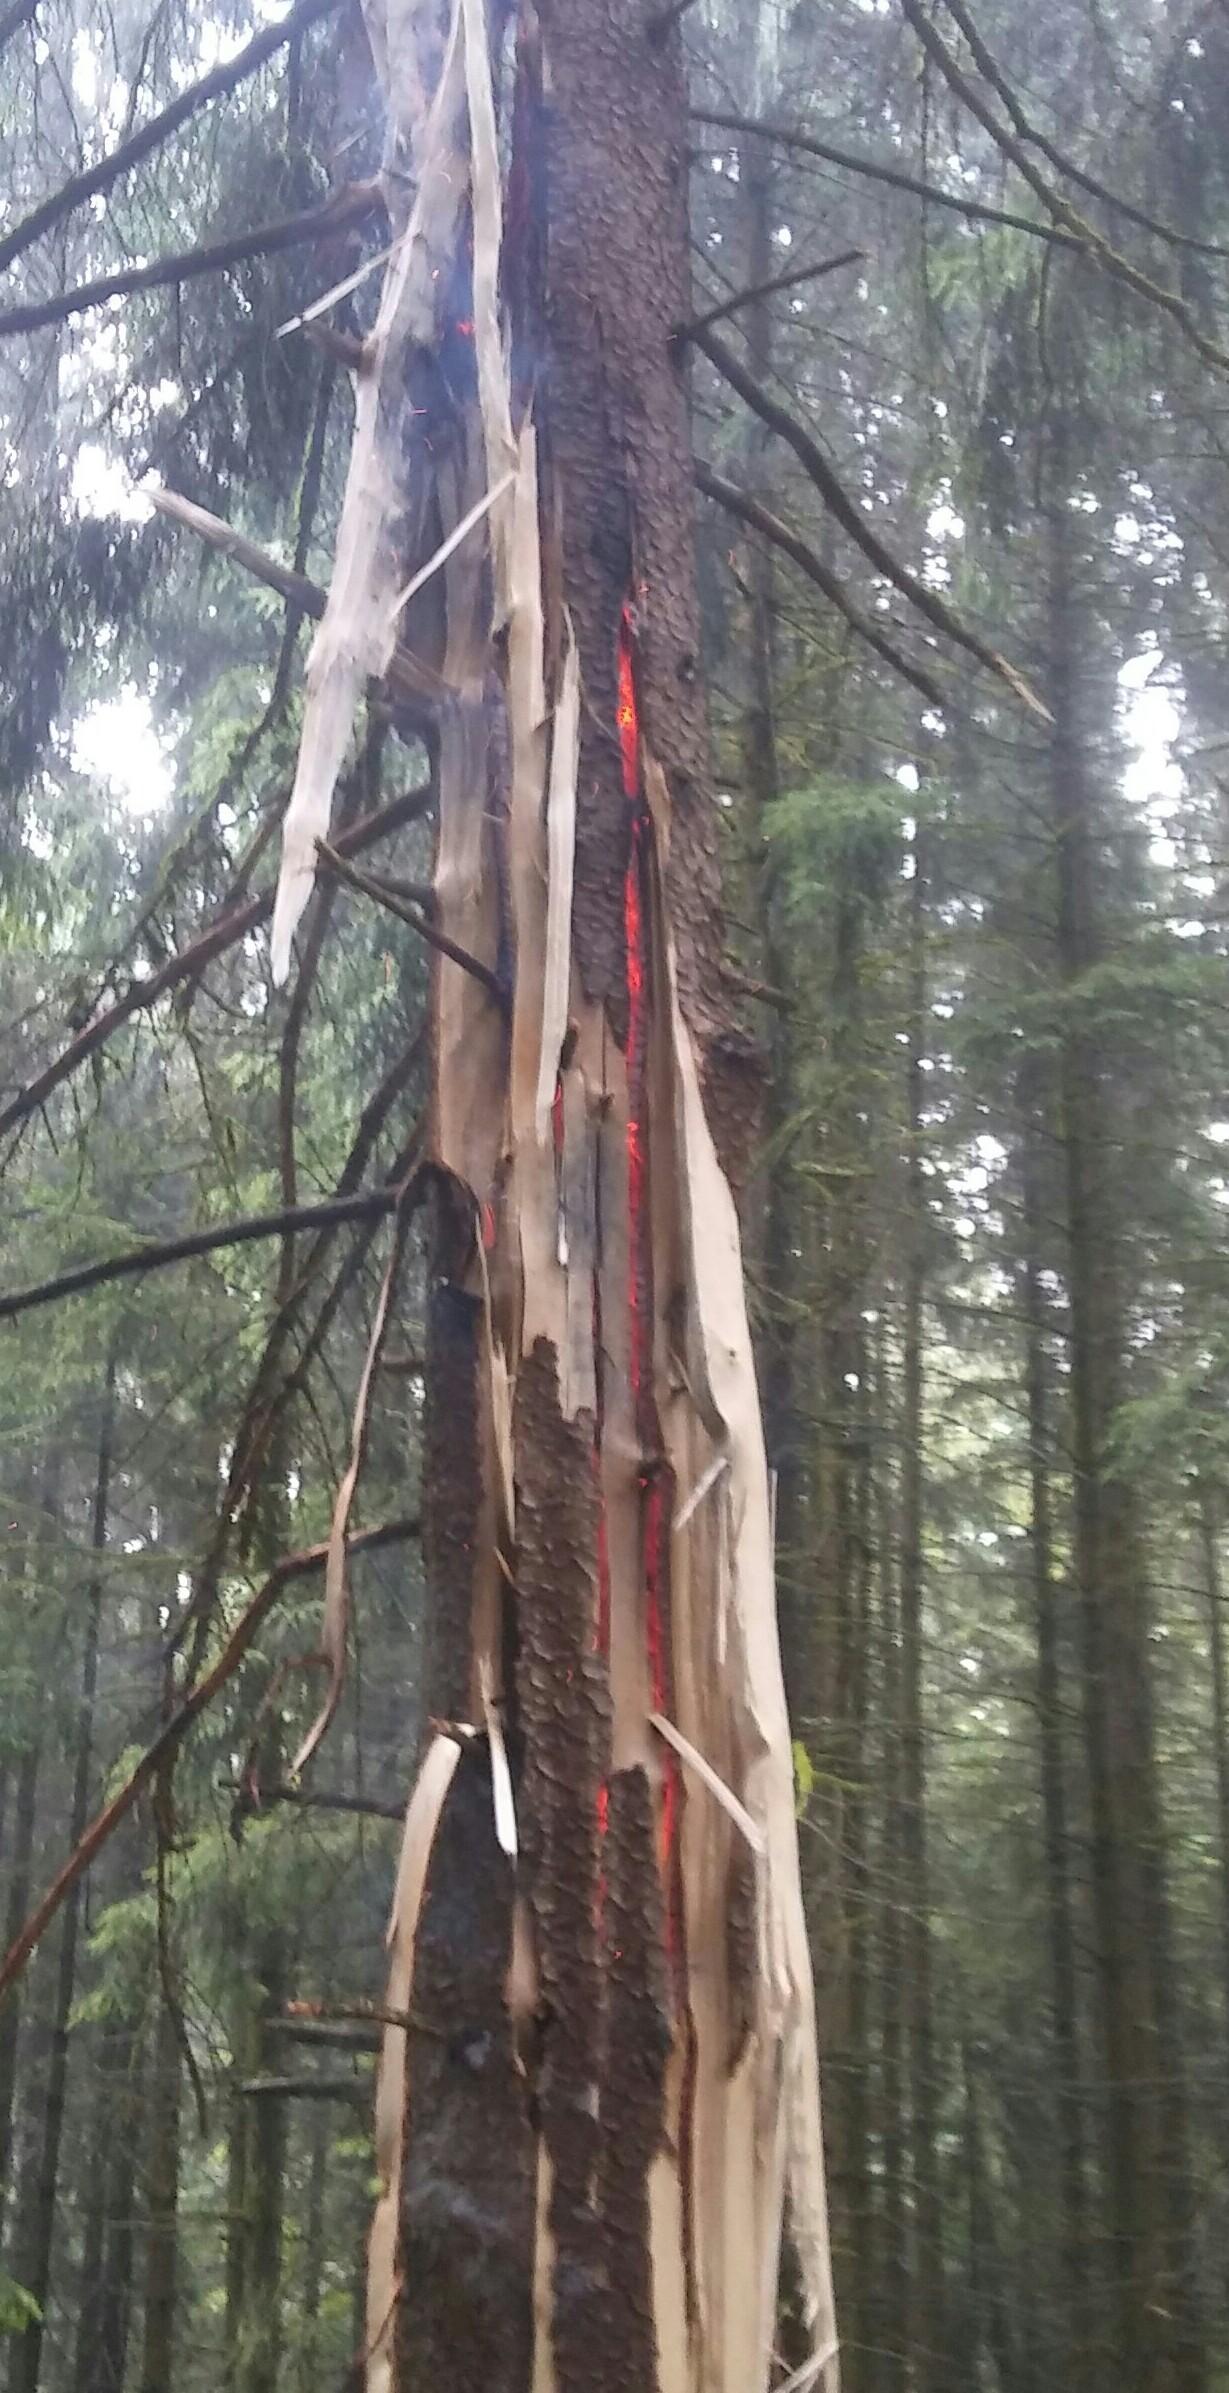 Einsatz: Brand Baum, Flur, Böschung